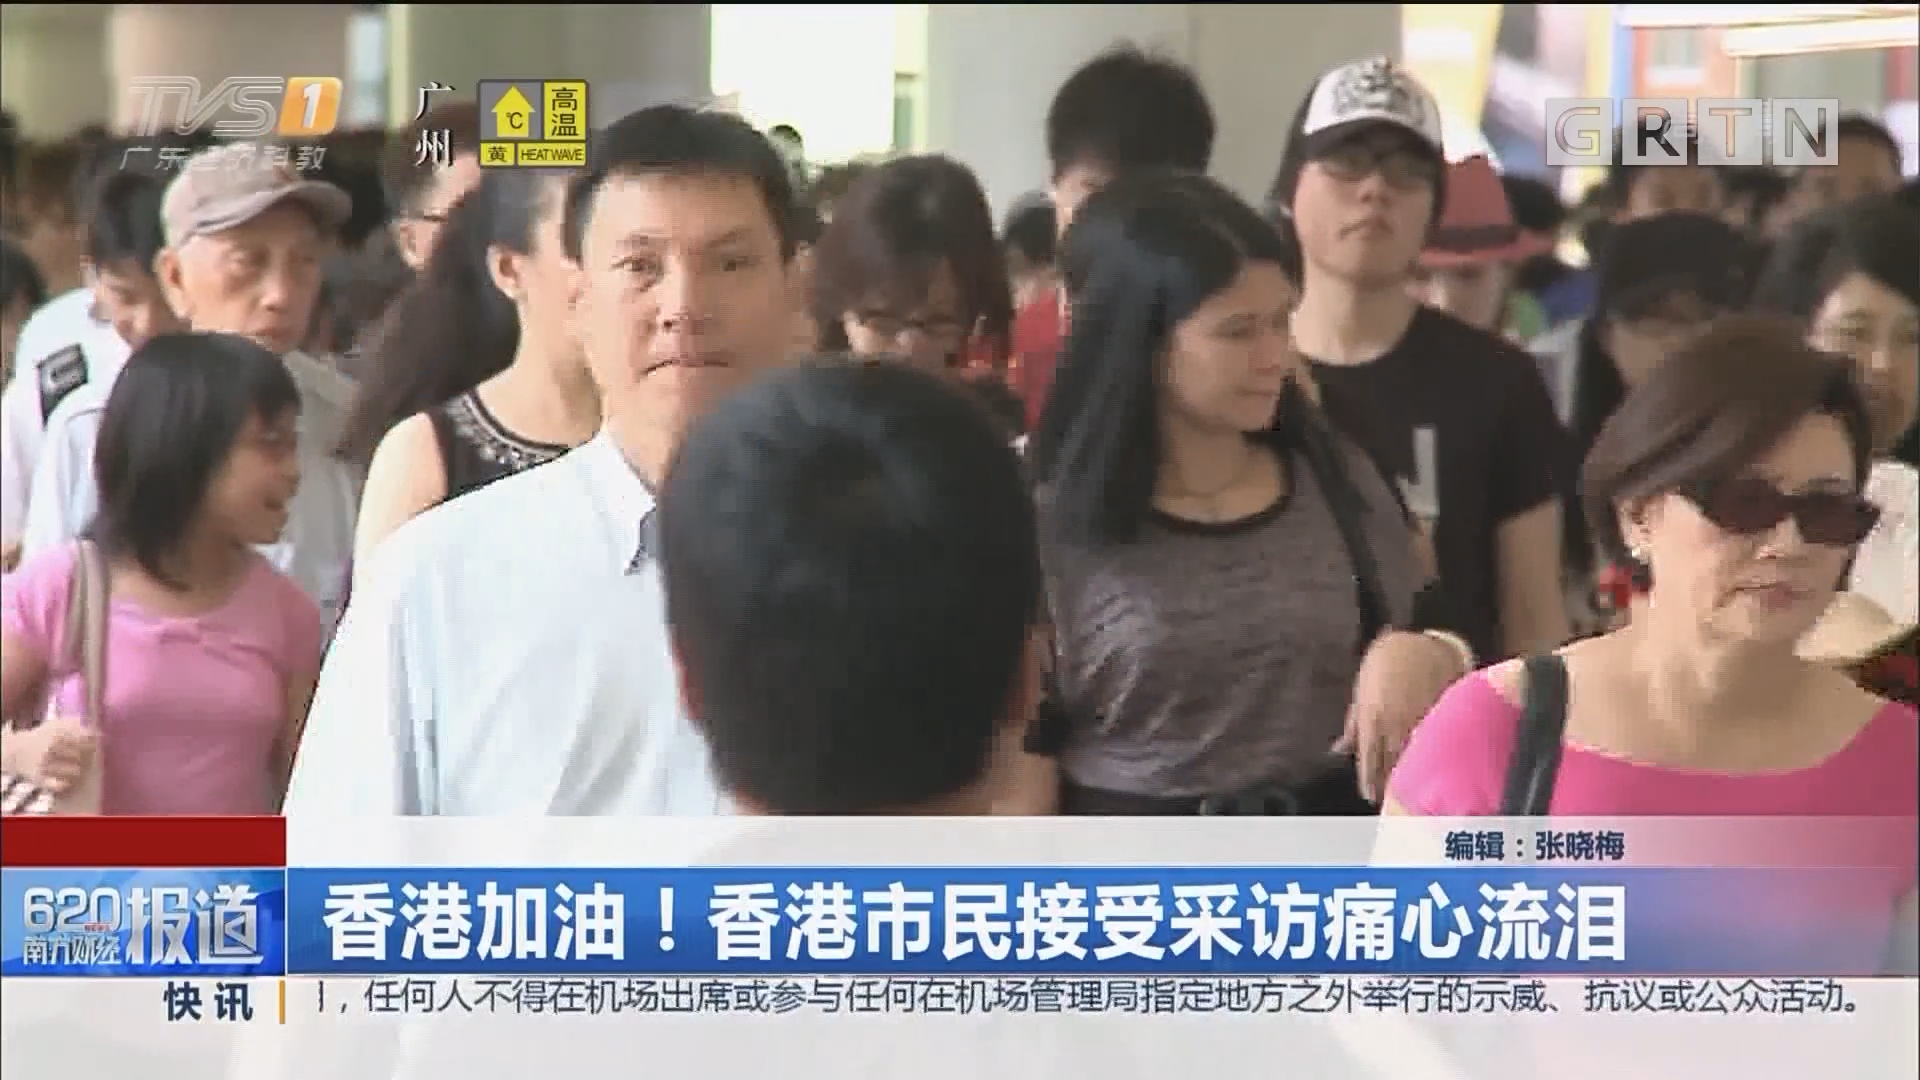 香港加油!香港市民接受采访痛心流泪